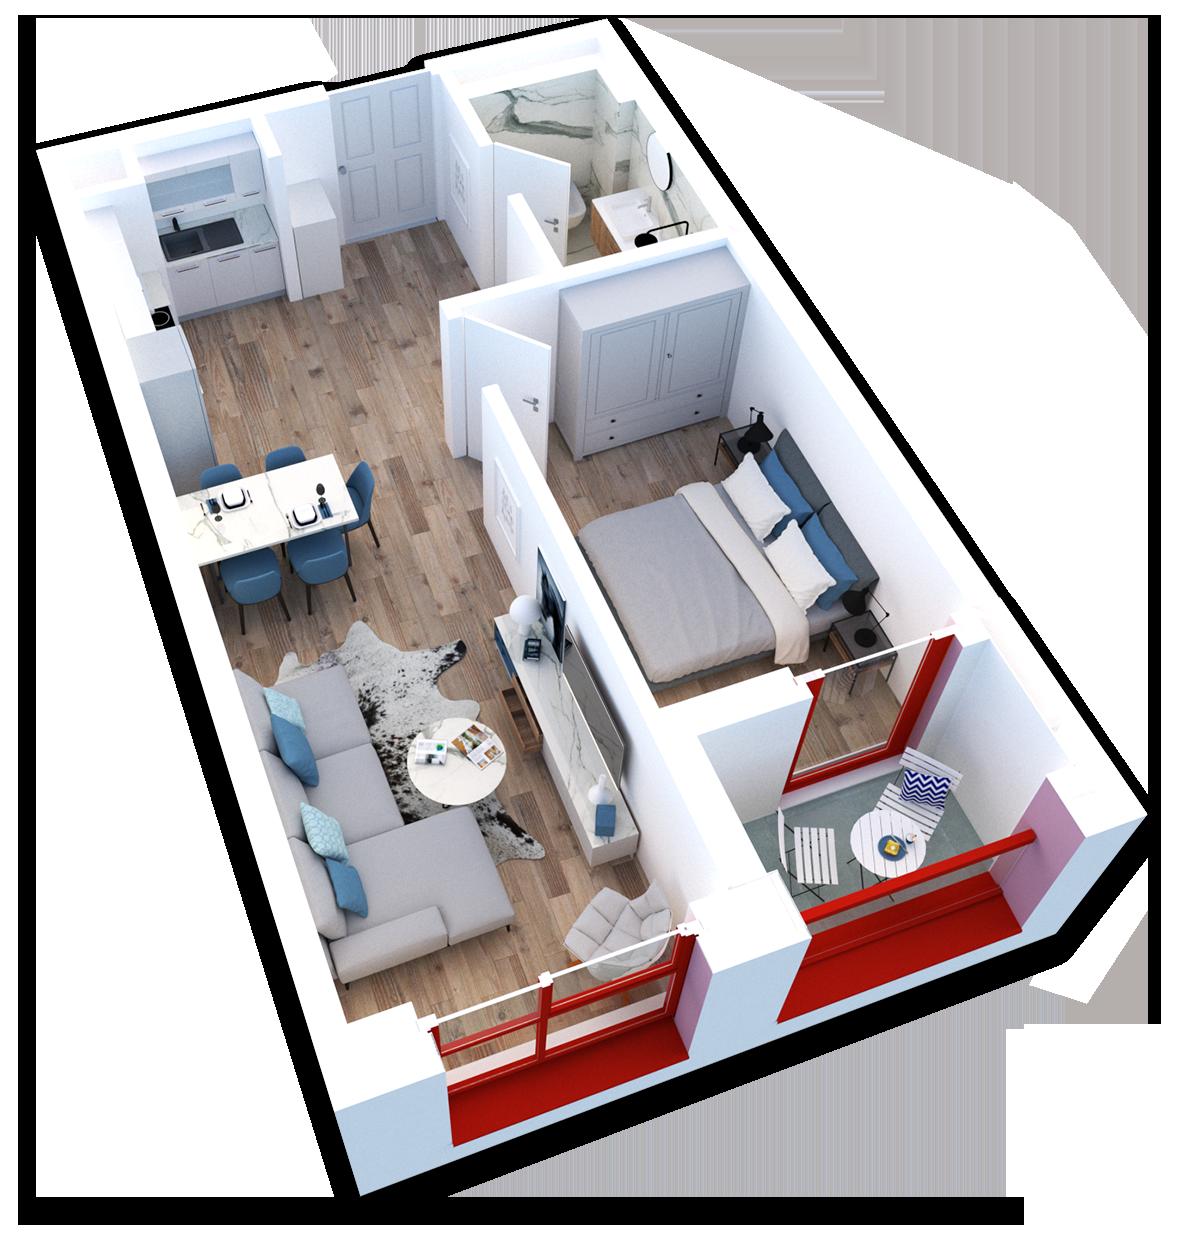 Apartament 1+1 në shitje në Tiranë - Mangalem 21 Shkalla 20 Kati 5